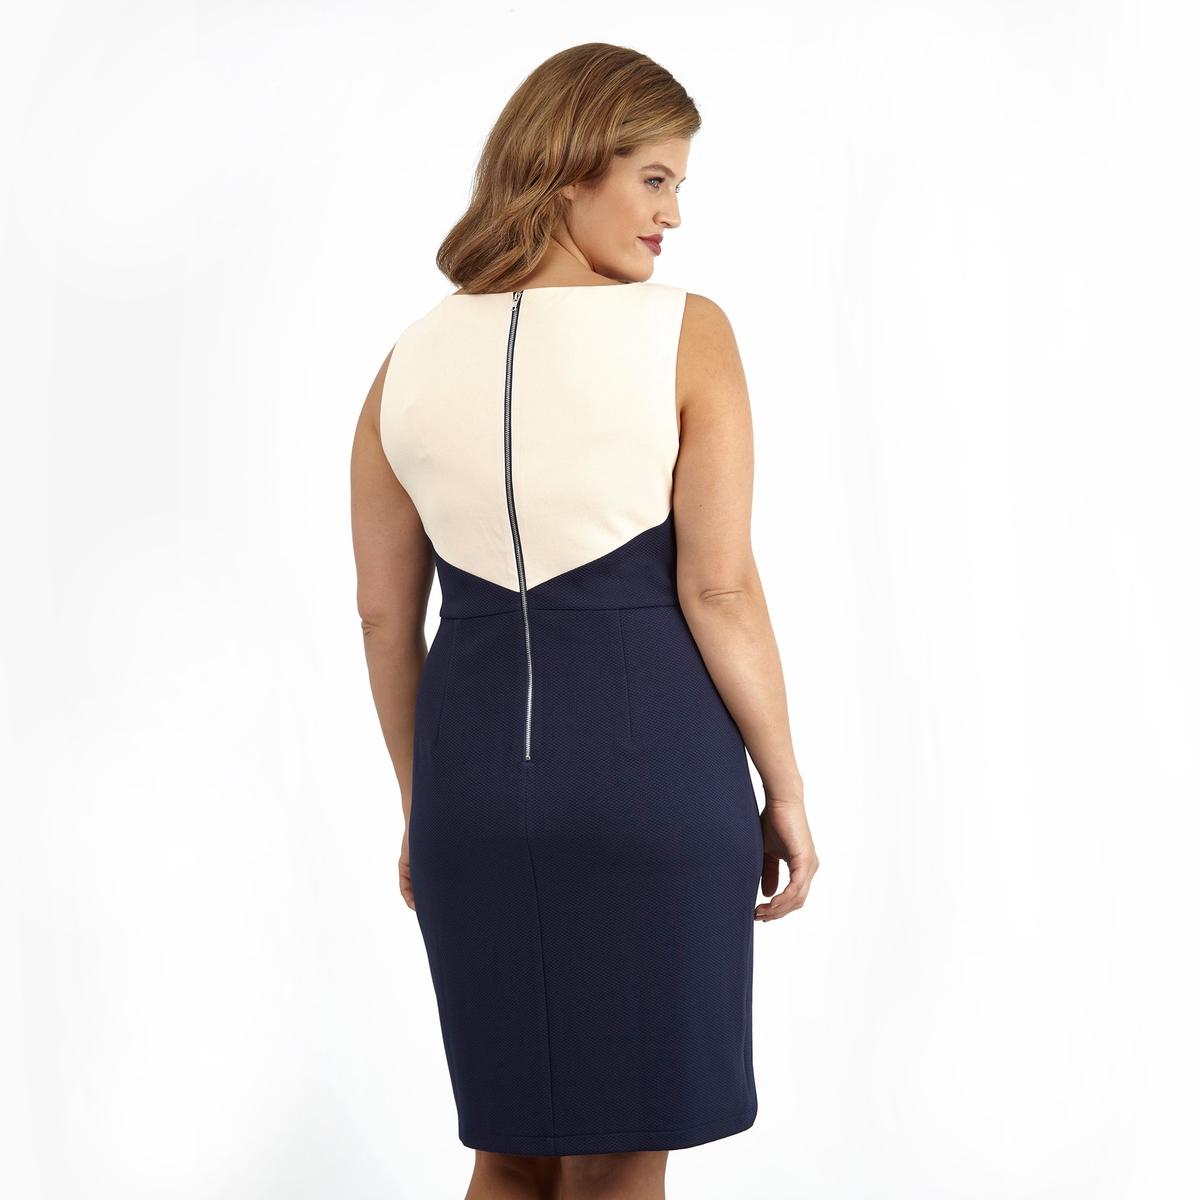 ПлатьеПлатье без рукавов LOVEDROBE. Красивое двухцветное платье. 100% полиэстер.<br><br>Цвет: слоновая кость/синий<br>Размер: 46 (FR) - 52 (RUS)